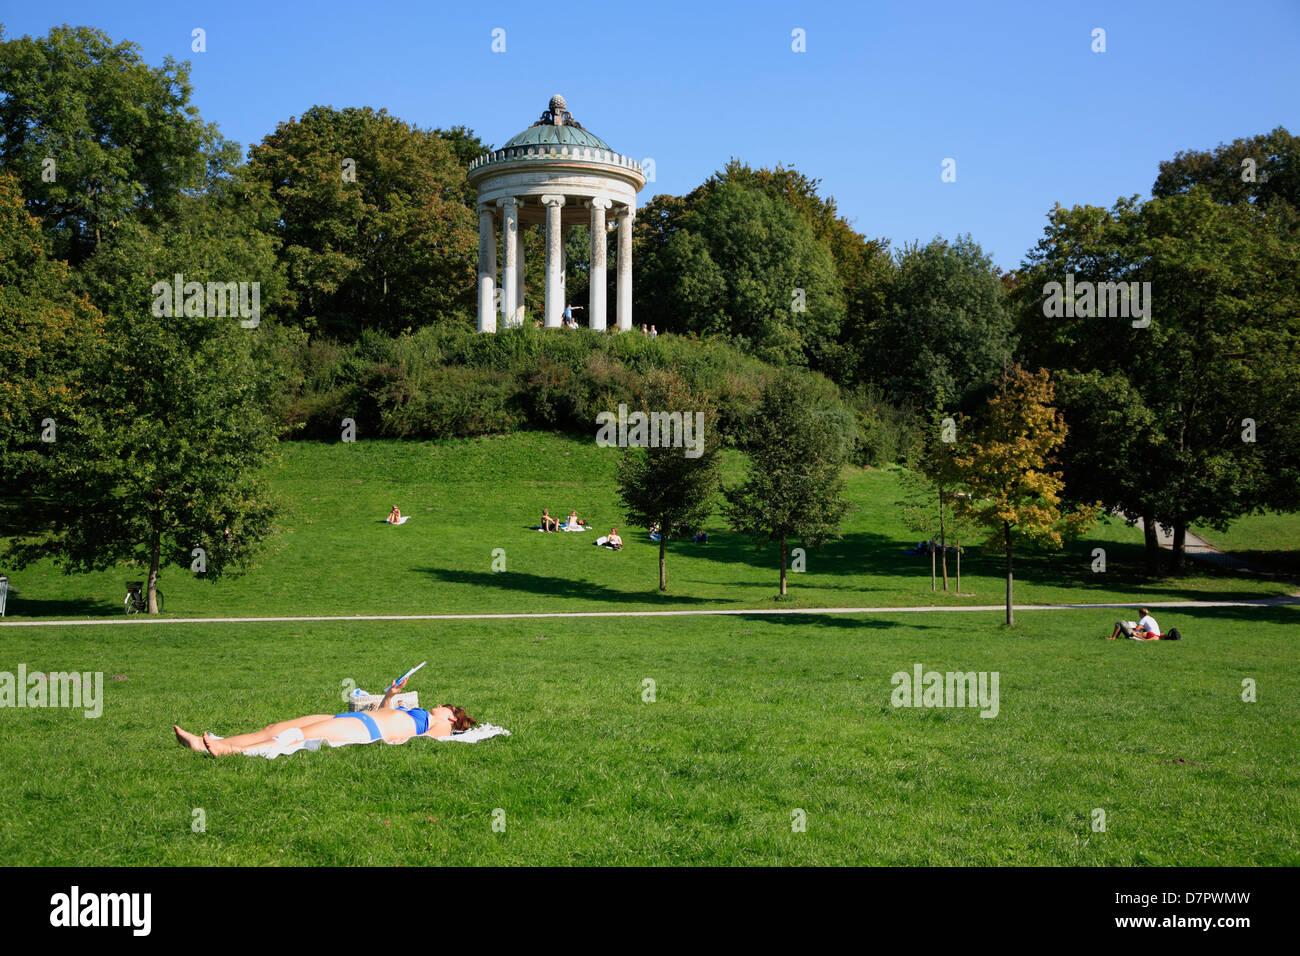 Englischer Garten English Garden Park Sunbath At Monopteros Stock